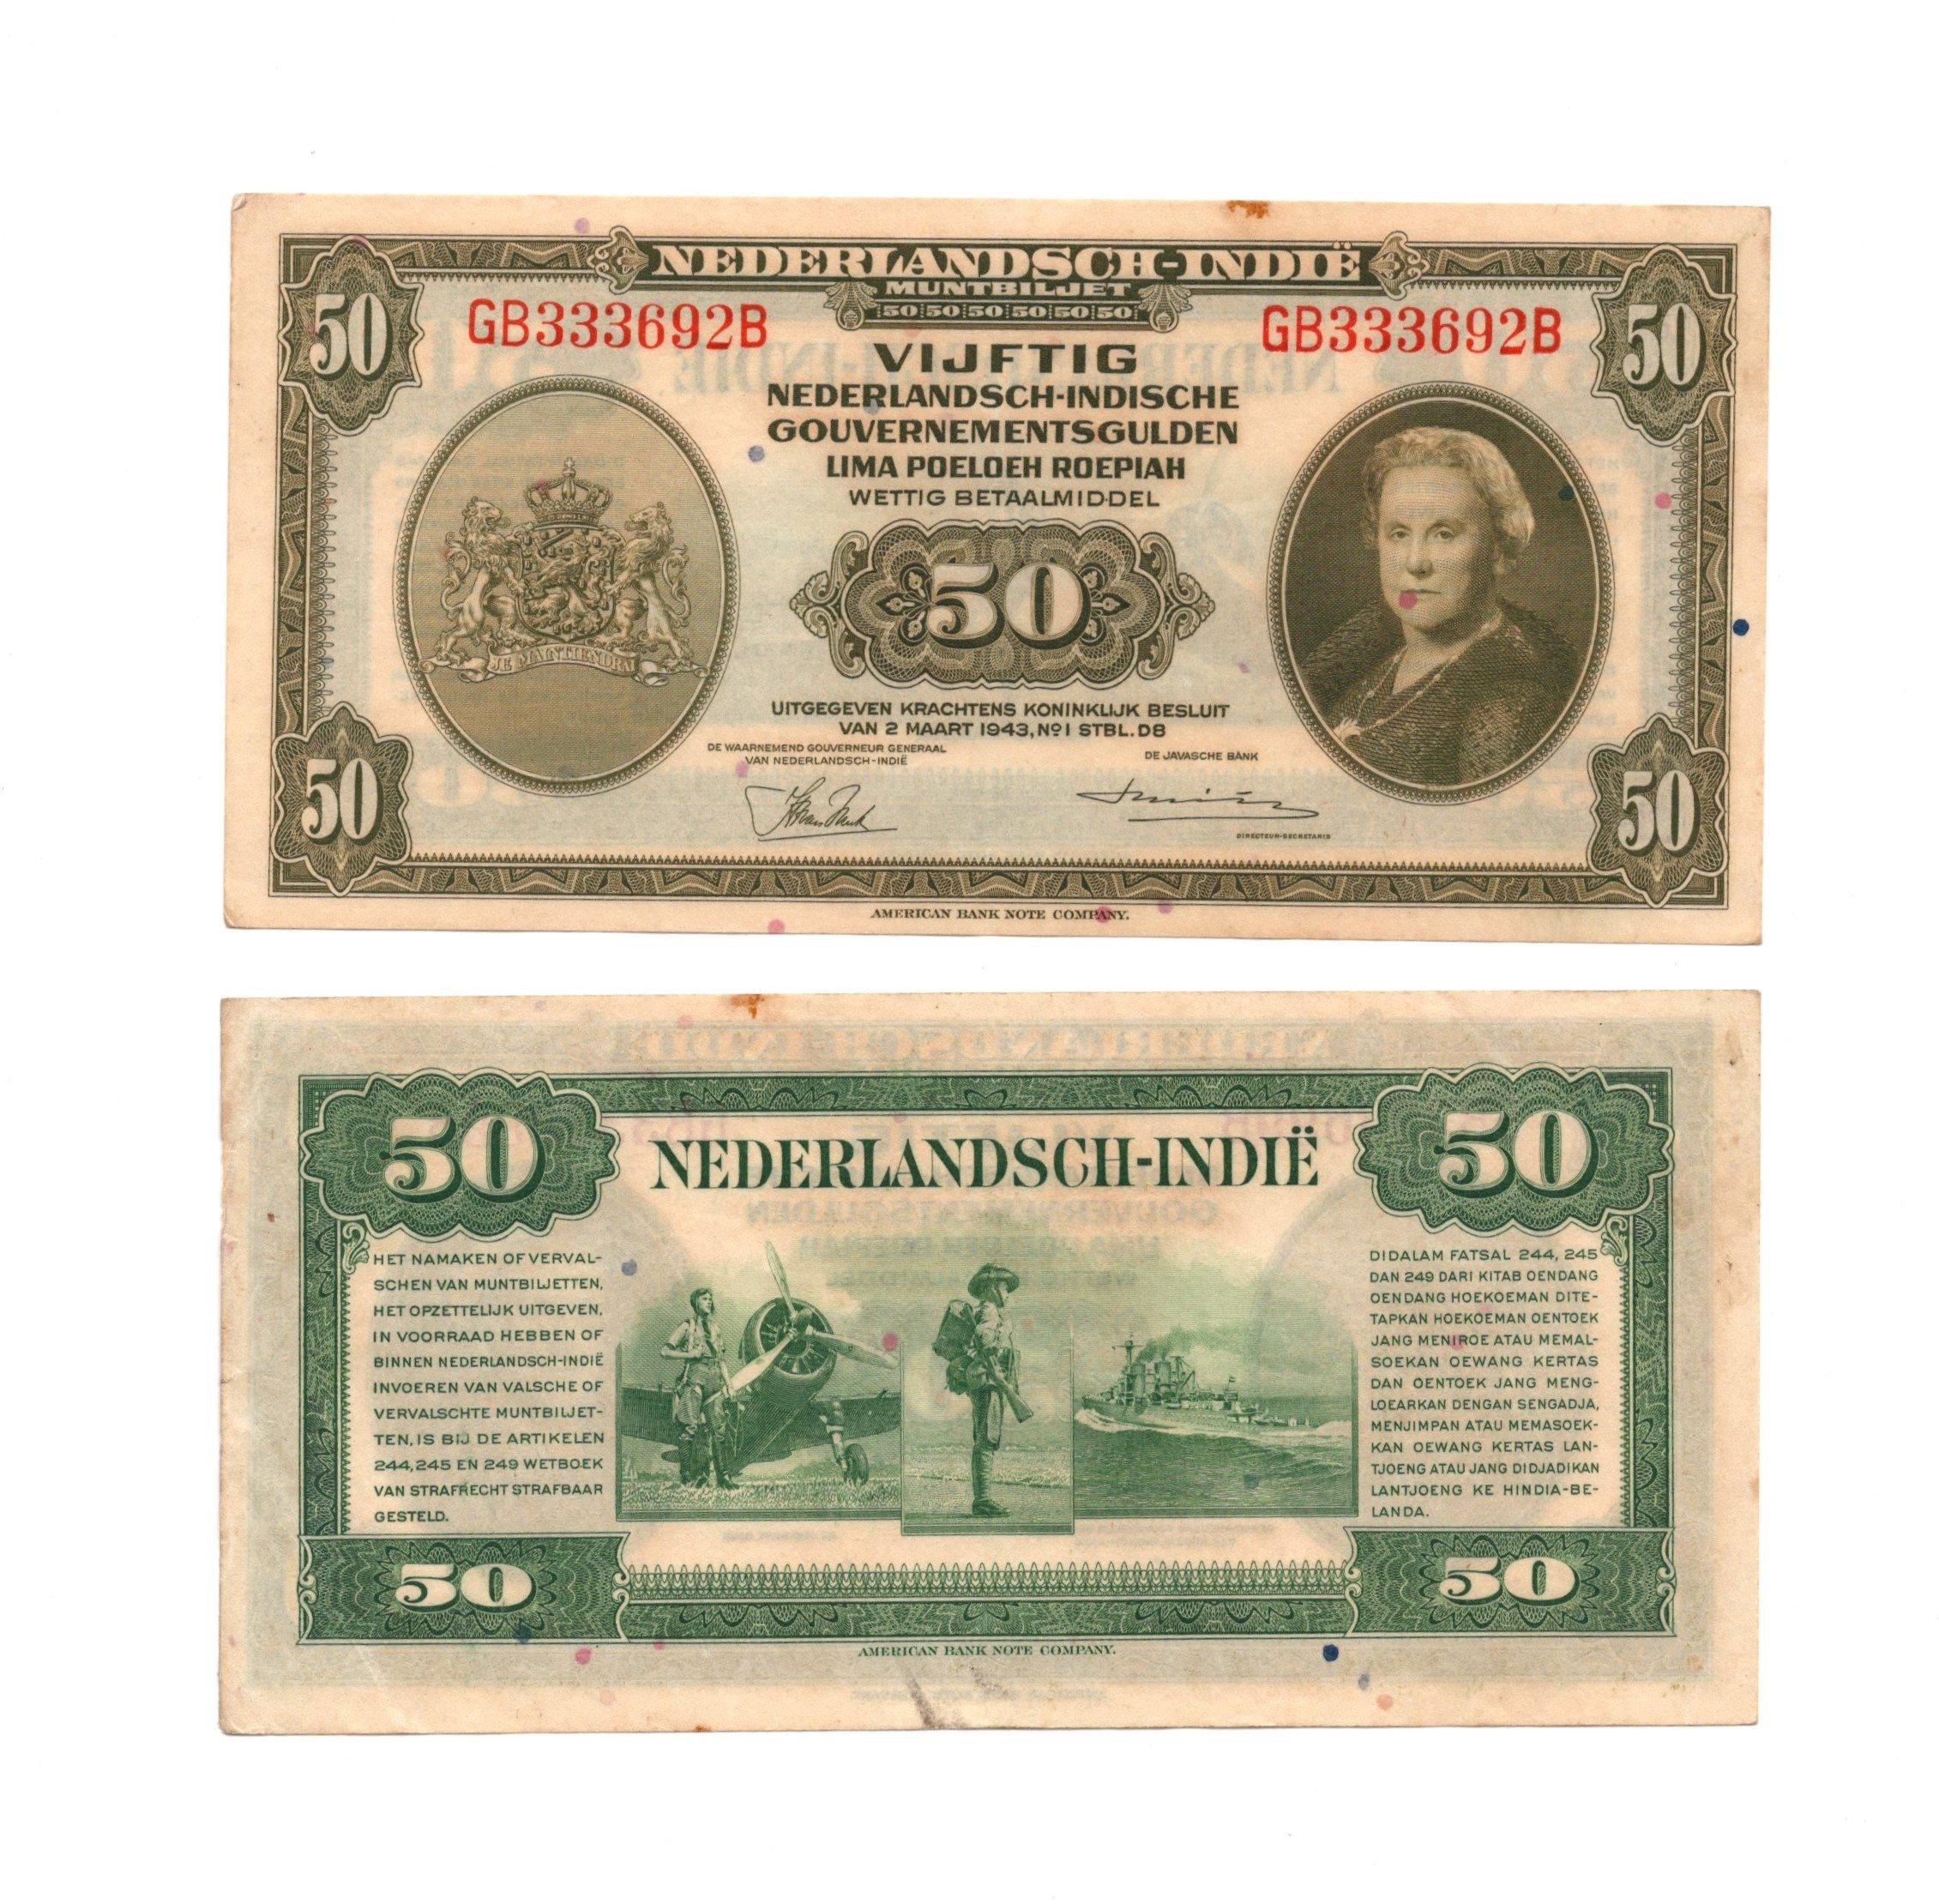 netherland dinies 50 gulden